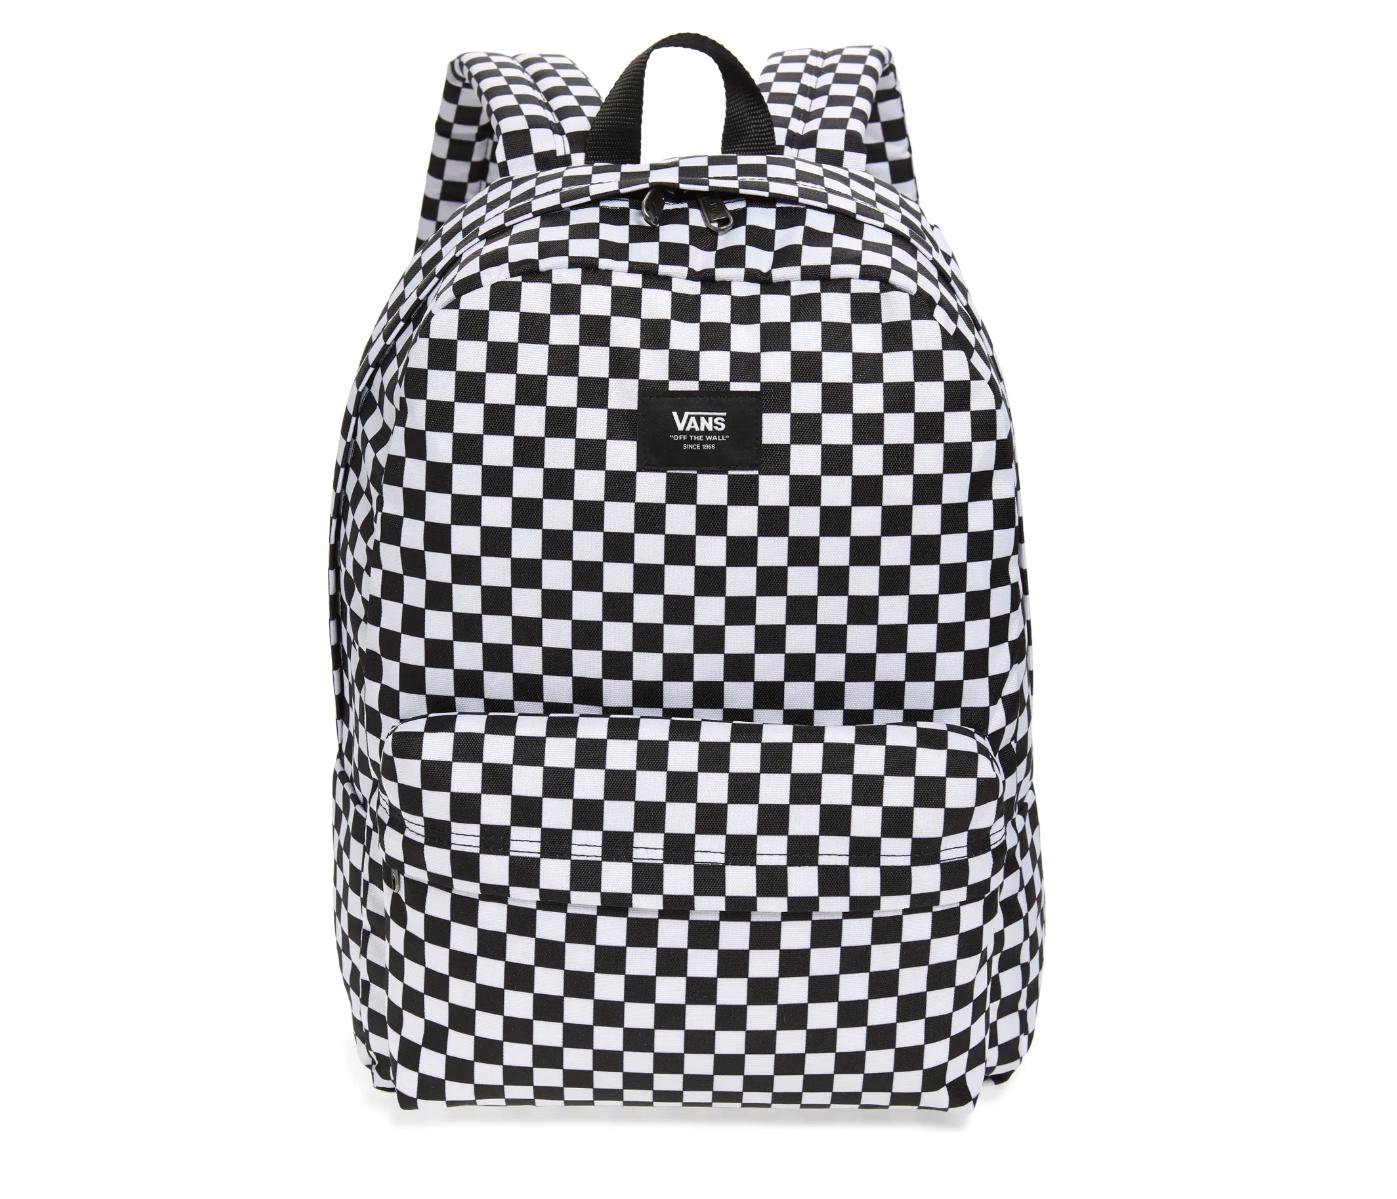 Vans backpack